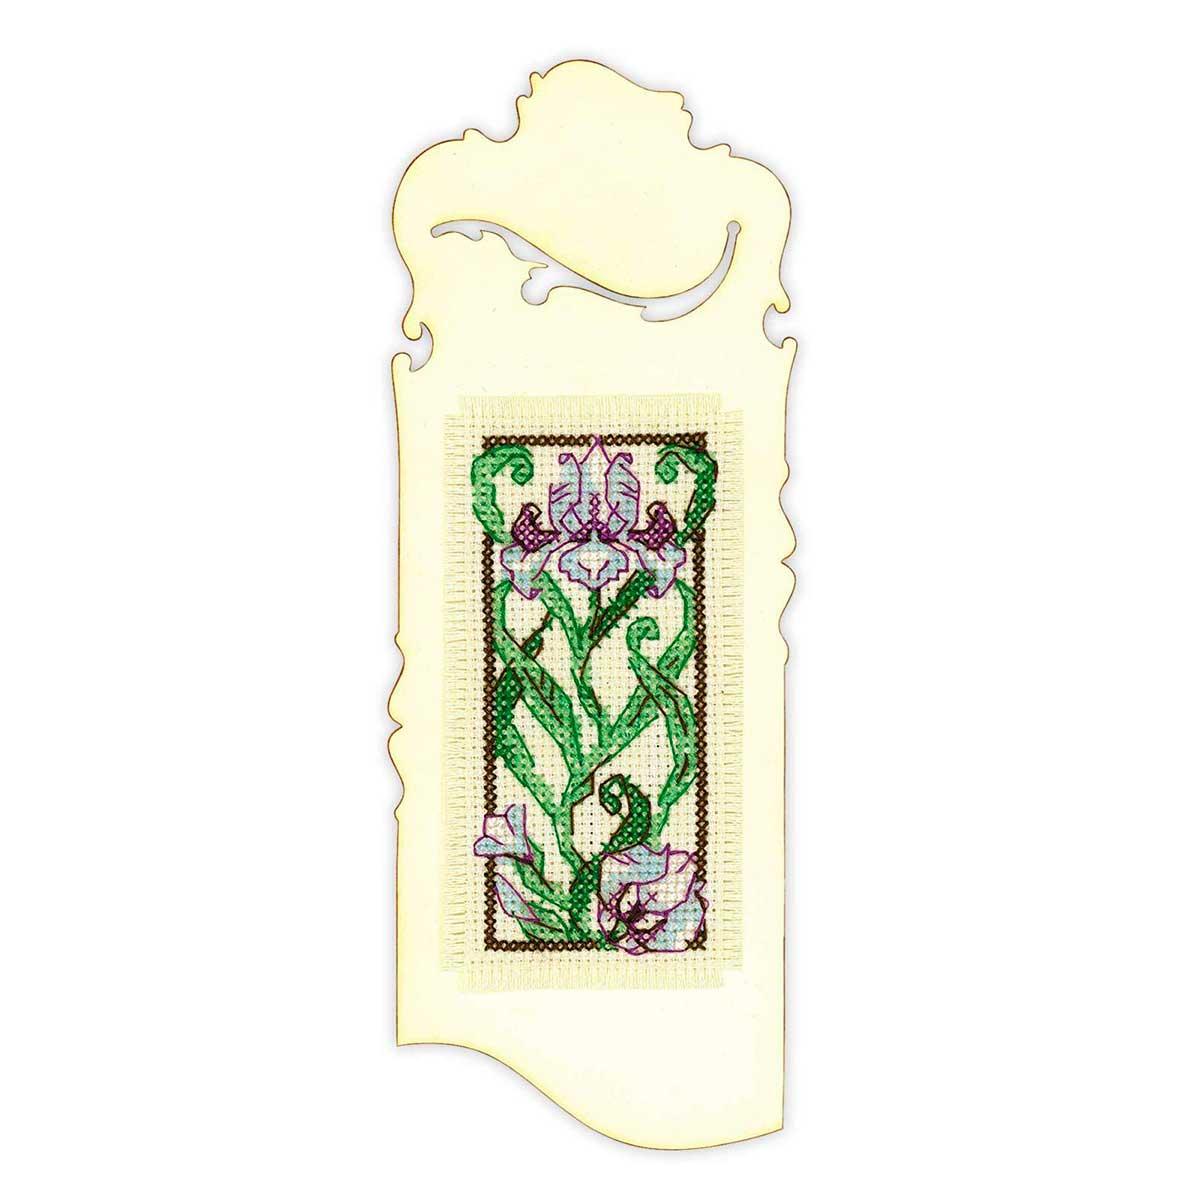 1614АС Набор для вышивания Риолис Бискорню 'Закладка 'Цветущий ирис'' 6*16 см